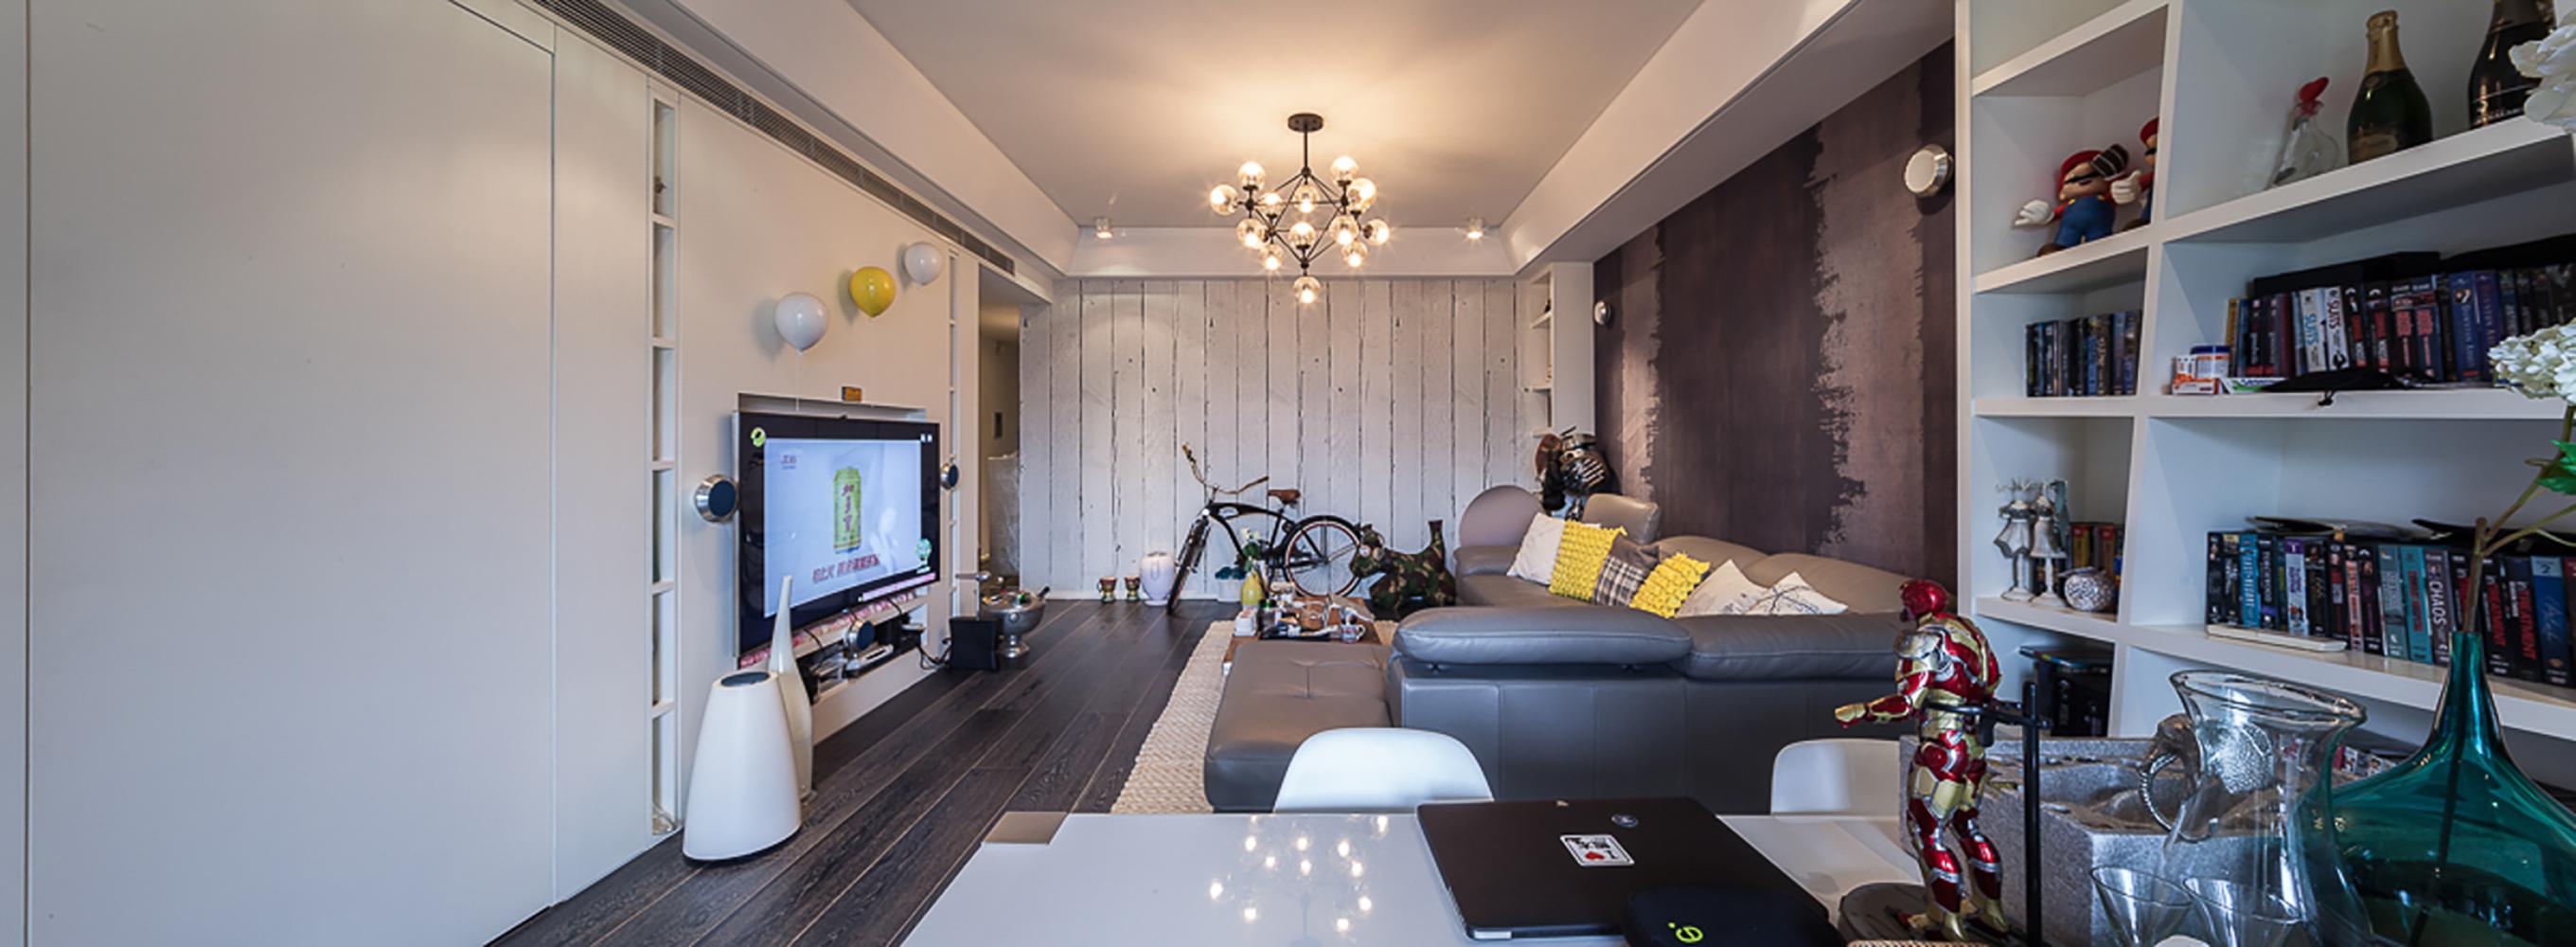 简约 别墅 黑白灰 客厅图片来自一号家居网成都站在翠湖天地的分享